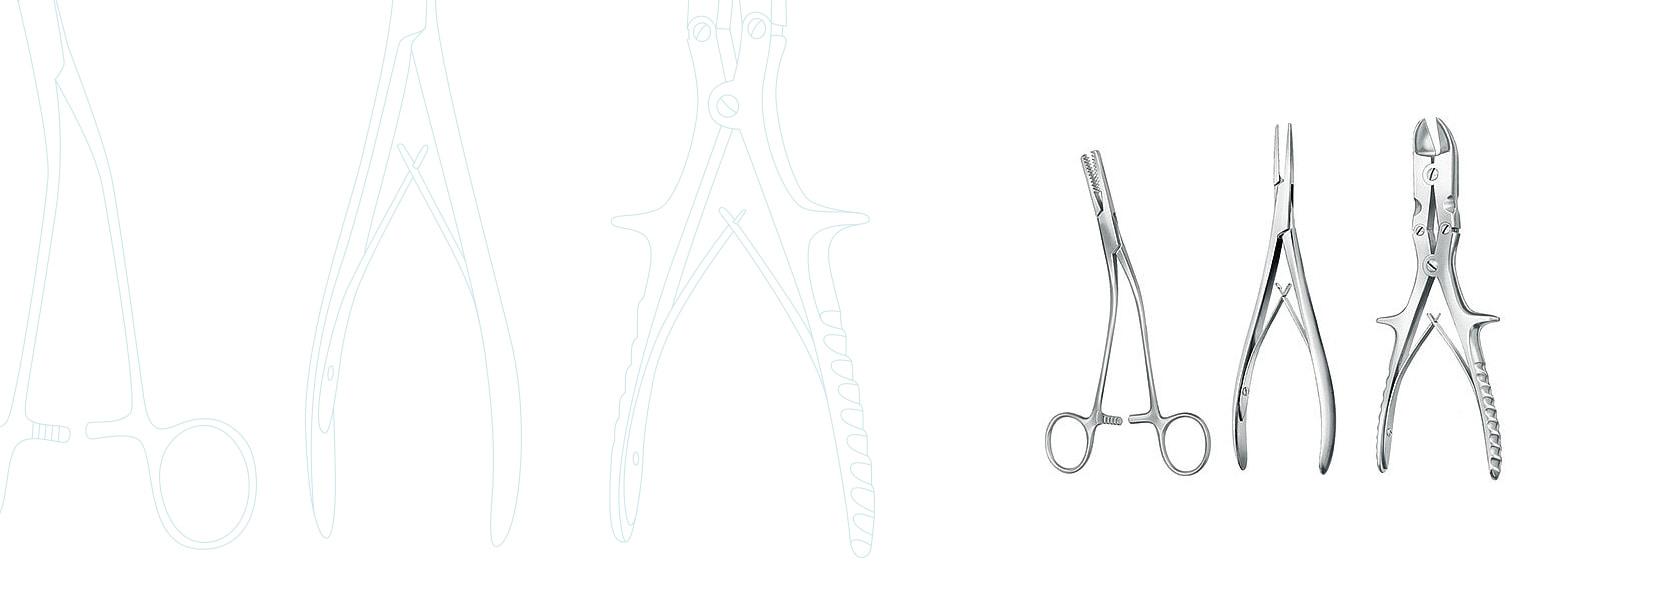 Хирургические инструменты KLS Martin